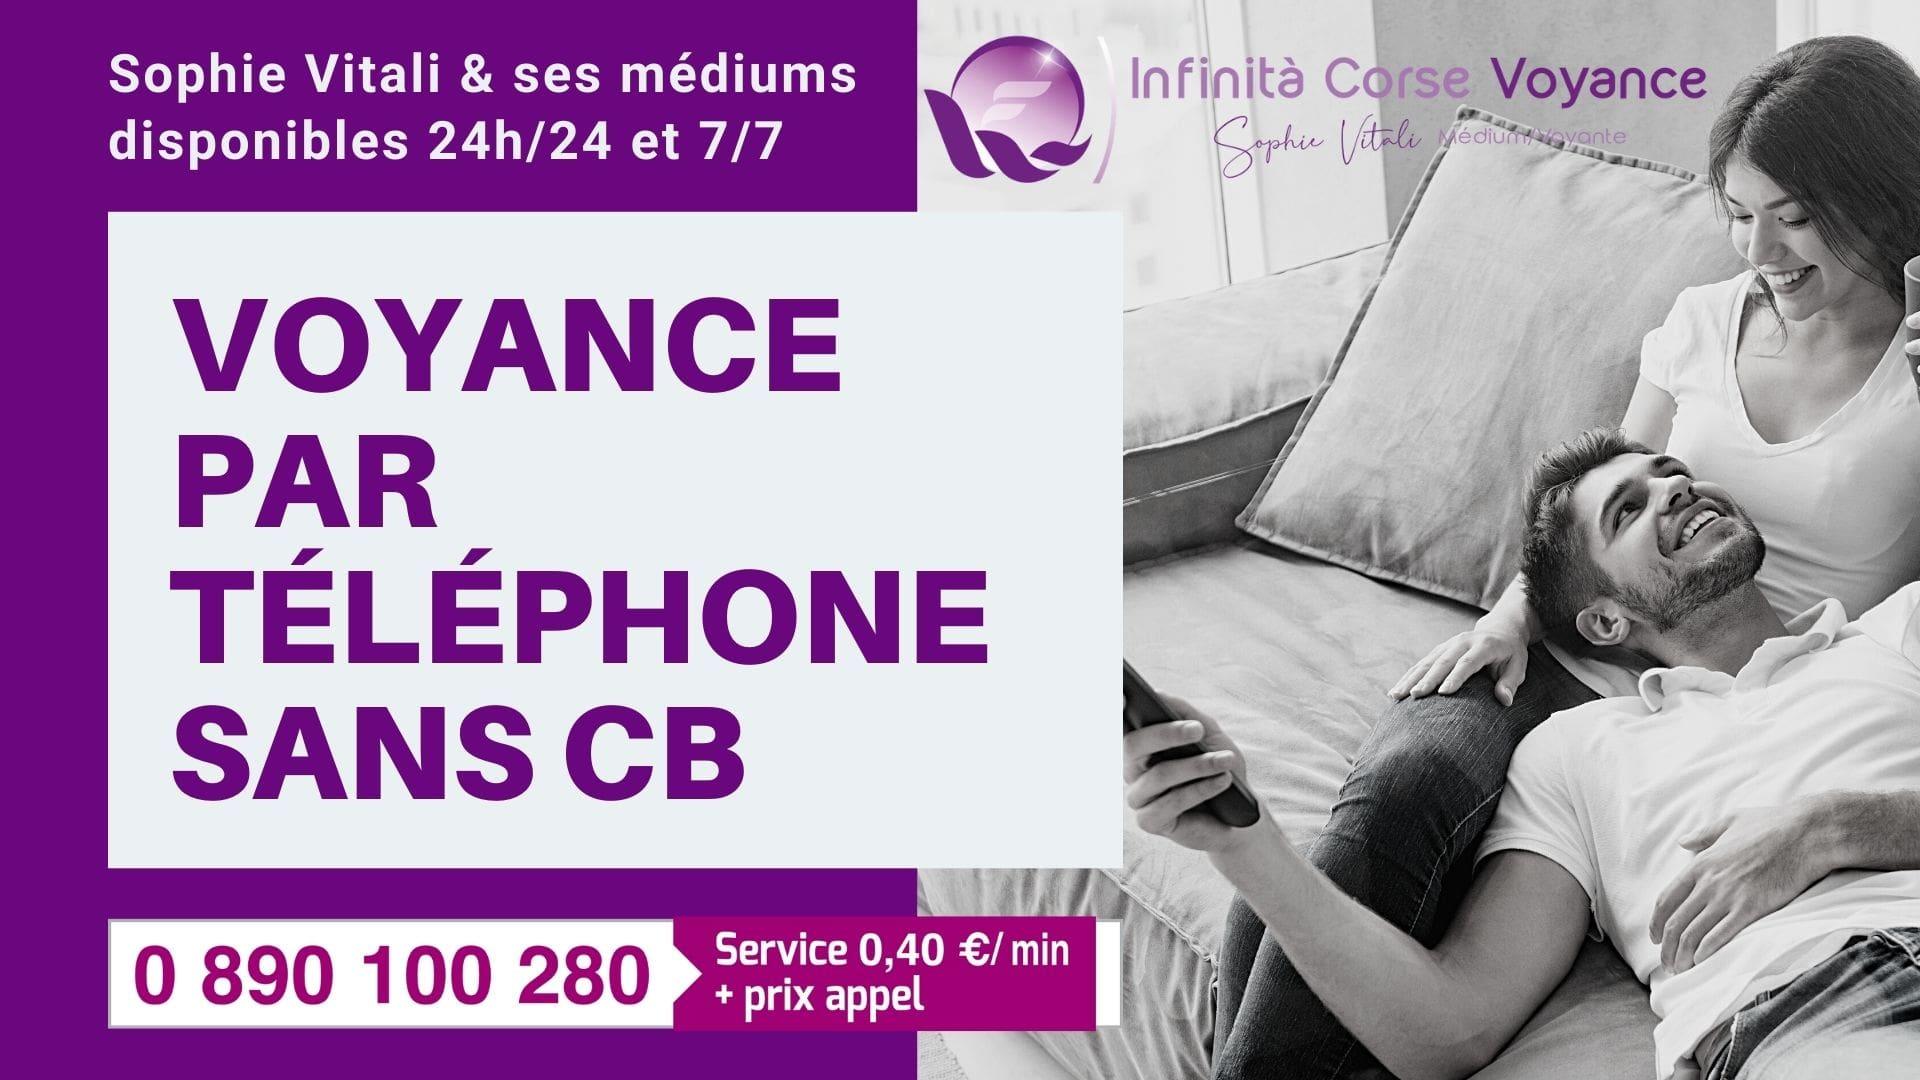 voyance par téléphone sans CB avec Sophie Vitali et ses voyants à seulement 0.40 € la minute.